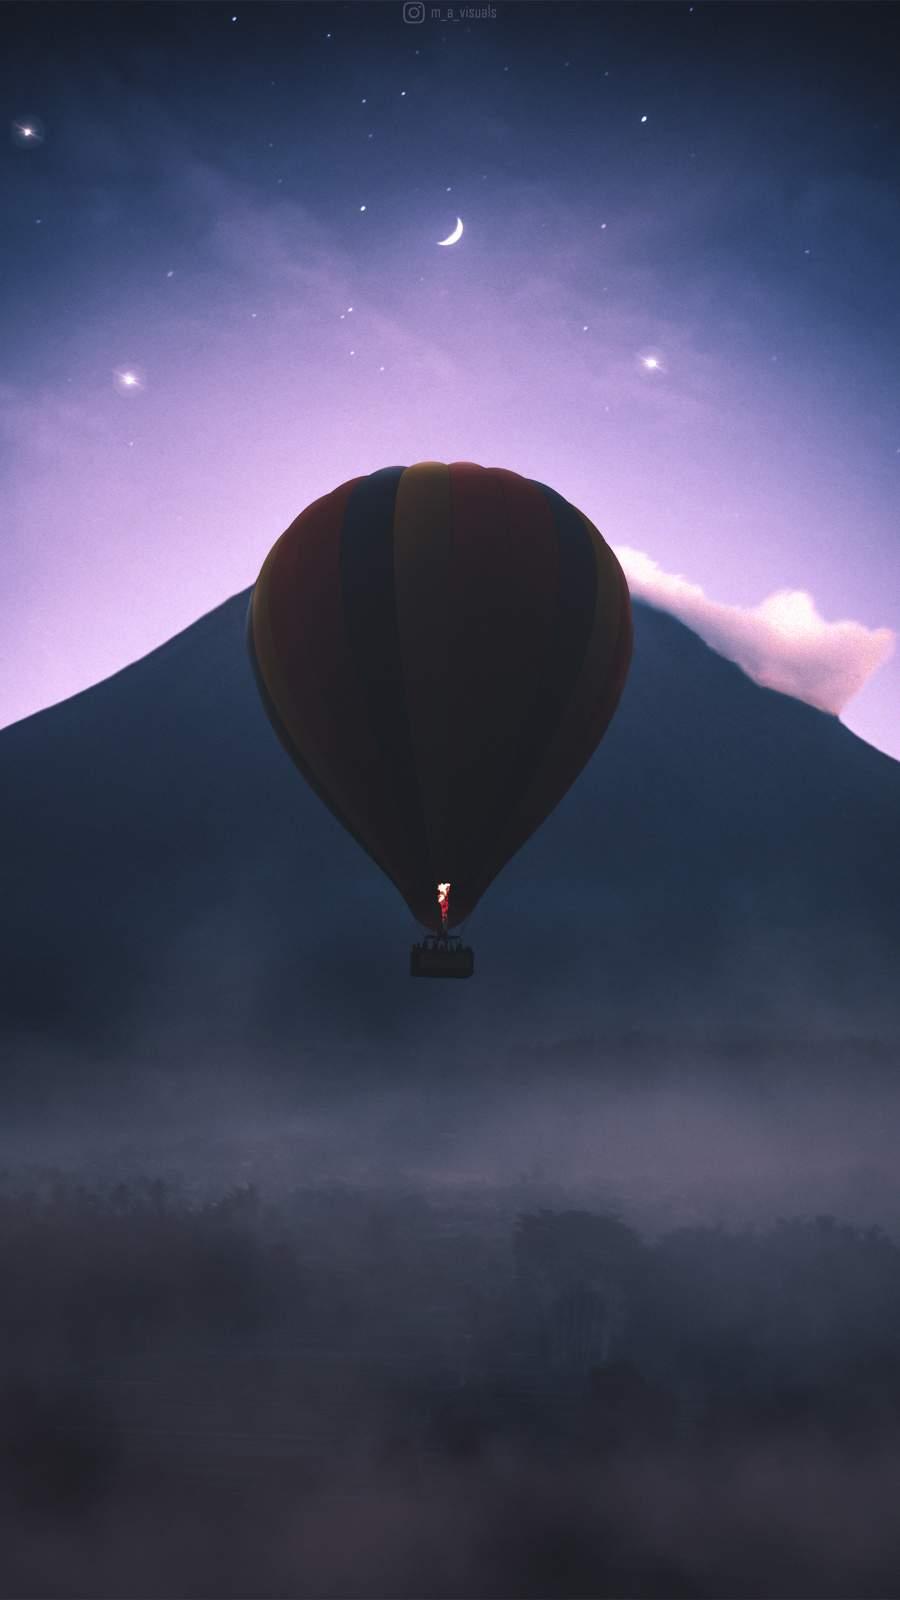 Hot Air Balloon iPhone Wallpaper